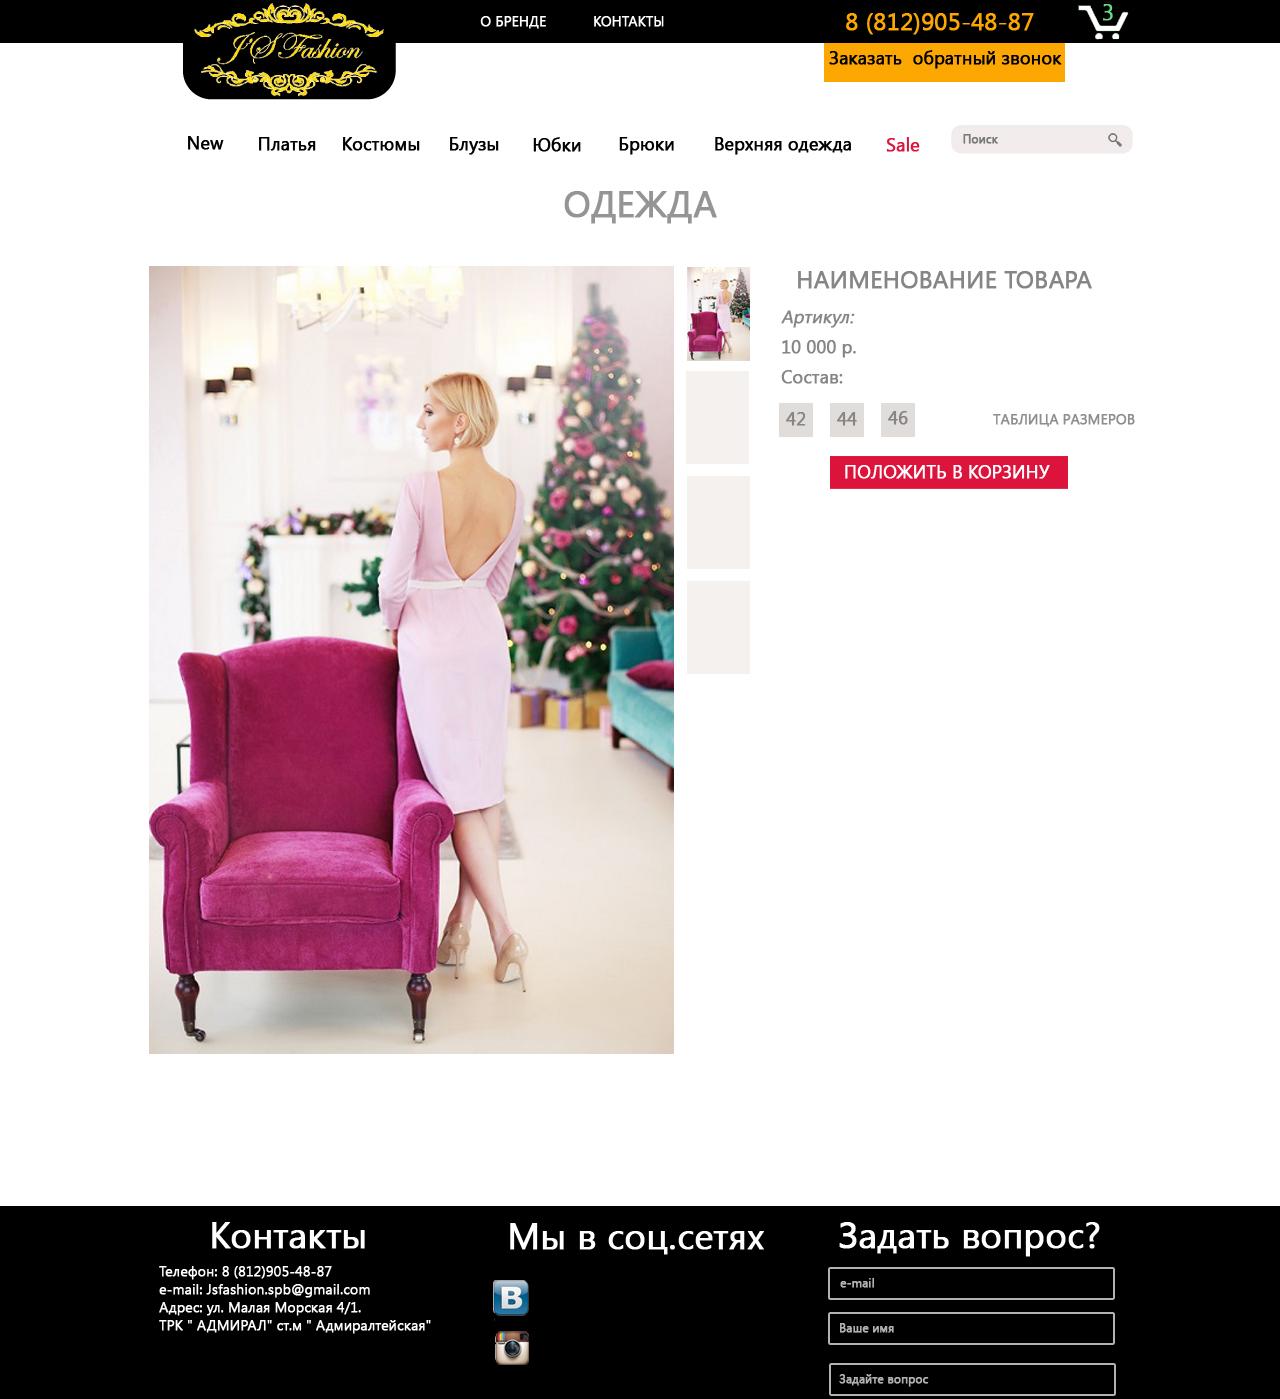 Интернет-магазин модной одежды: карточка товара